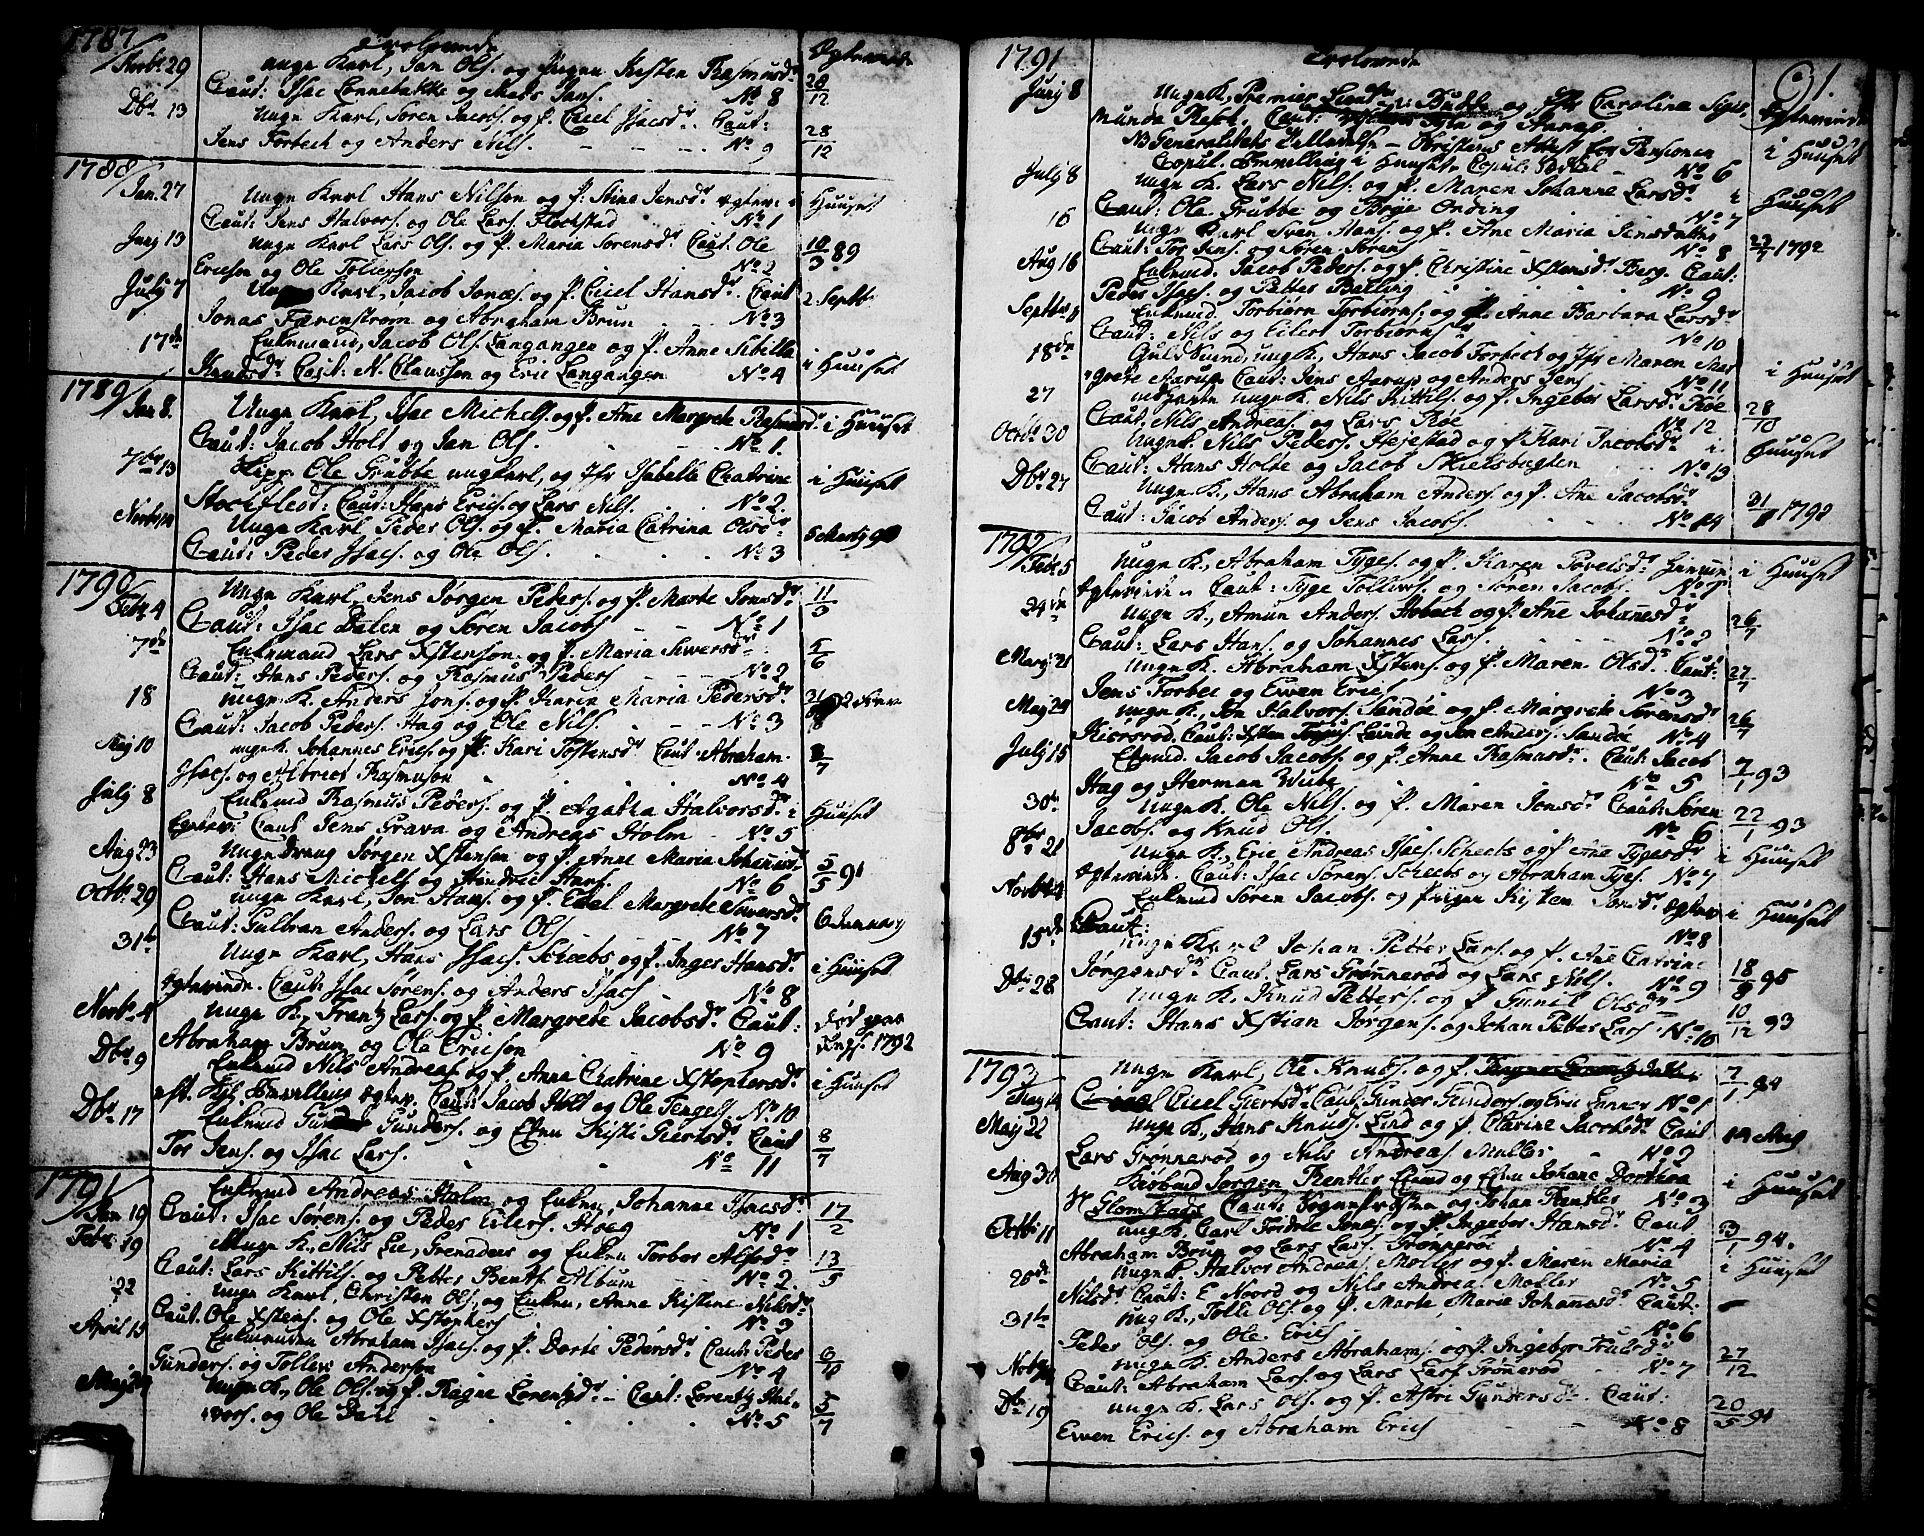 SAKO, Brevik kirkebøker, F/Fa/L0003: Ministerialbok nr. 3, 1764-1814, s. 91